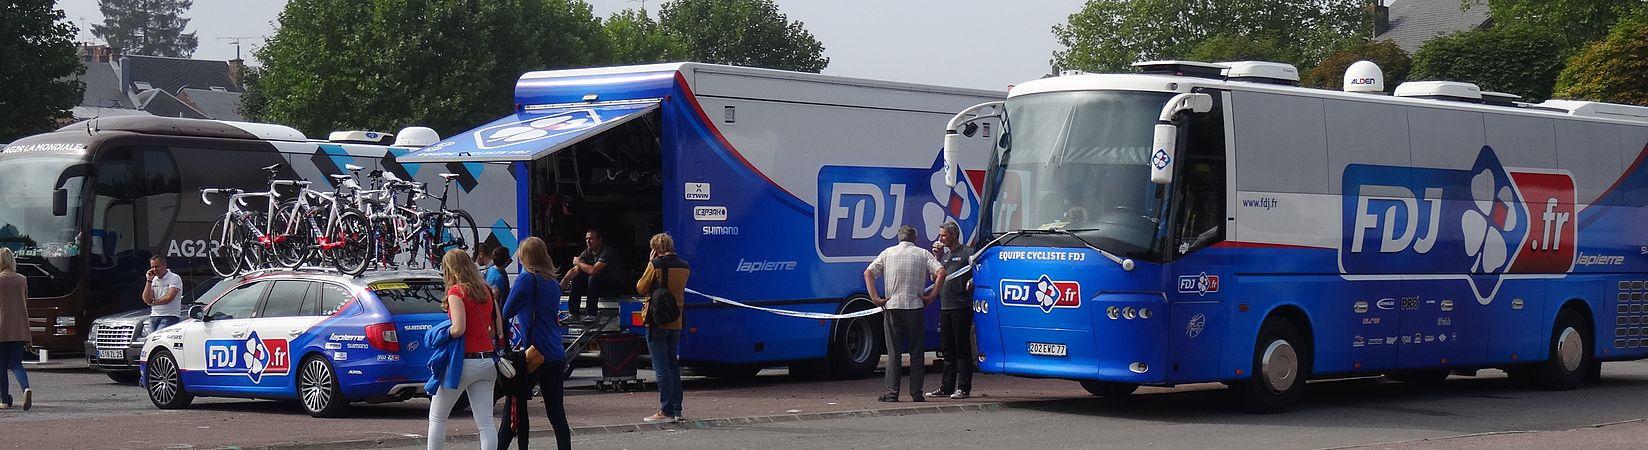 Fourmies - Grand Prix de Fourmies, 7 septembre 2014 (A41).JPG